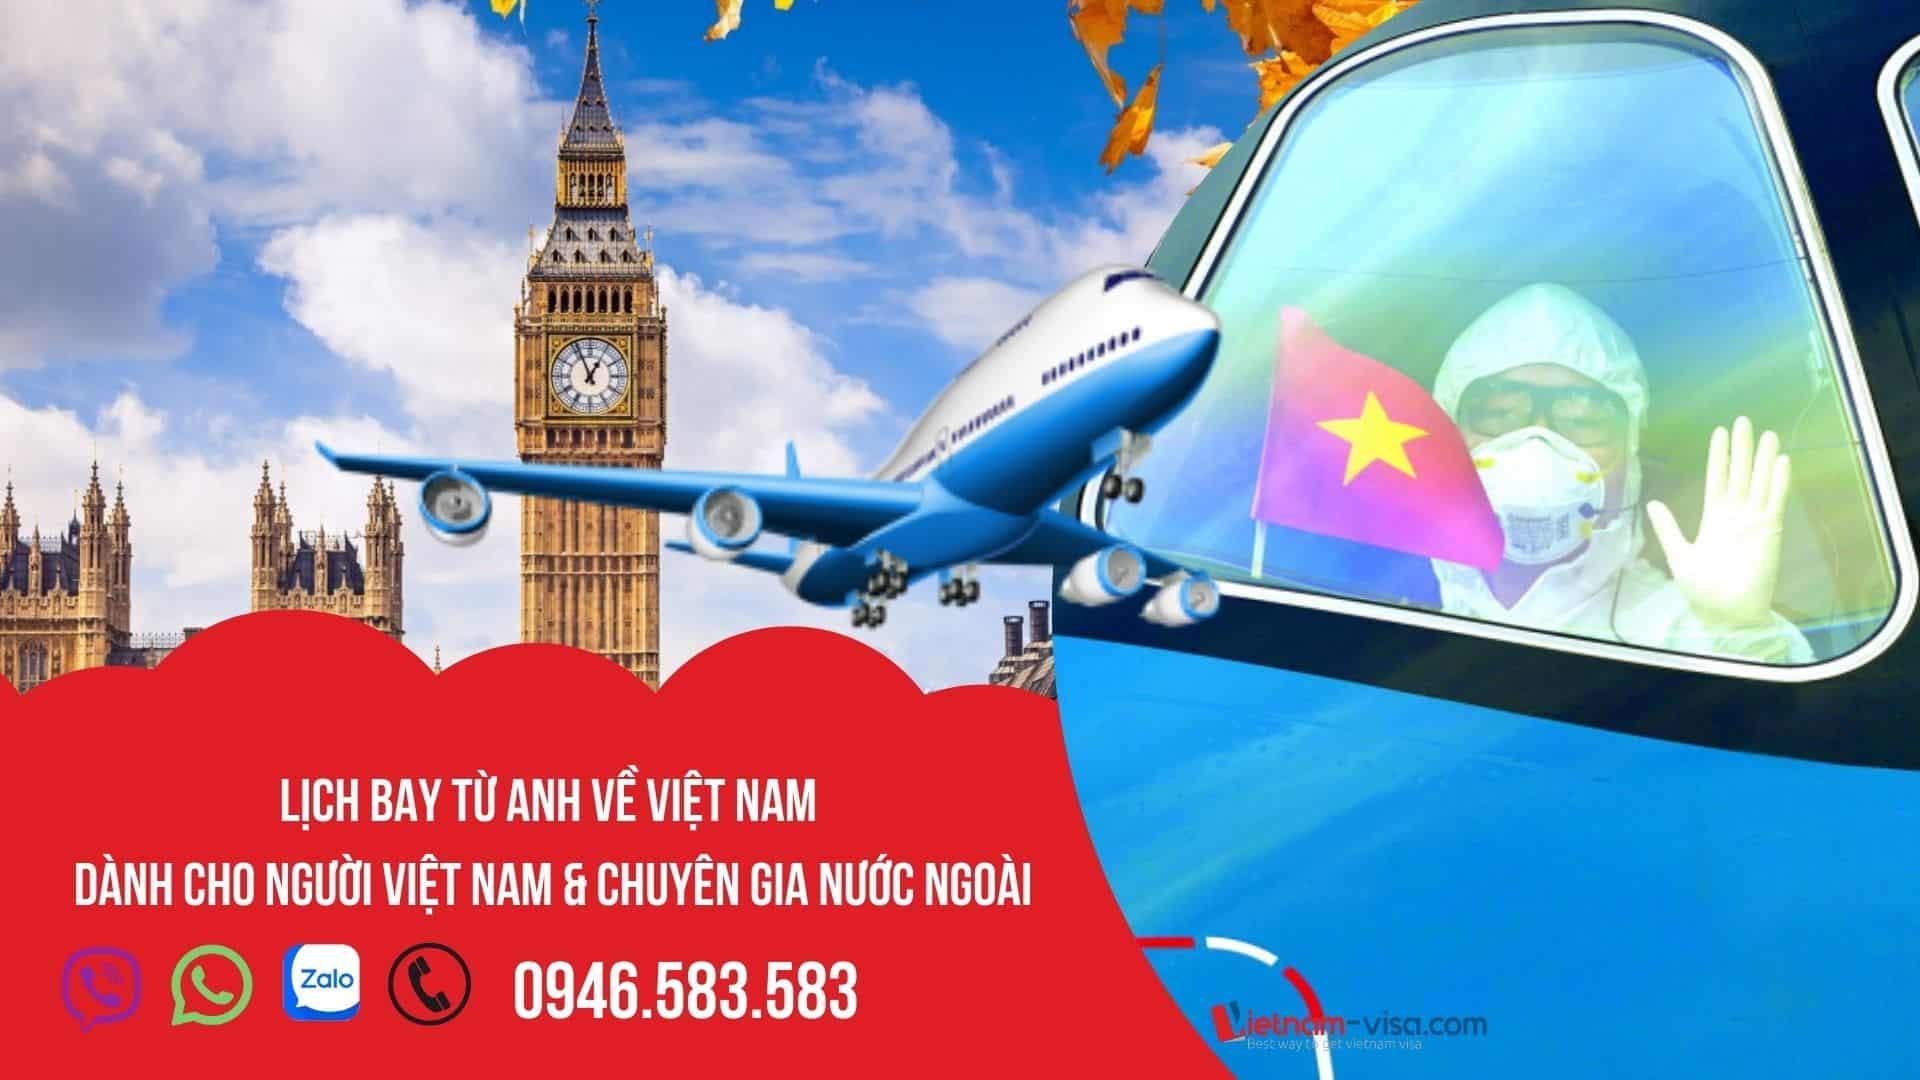 Cập nhật lịch bay từ Anh về Việt Nam tháng 10, 11 & 12/2021 – Đặt vé hôm nay!